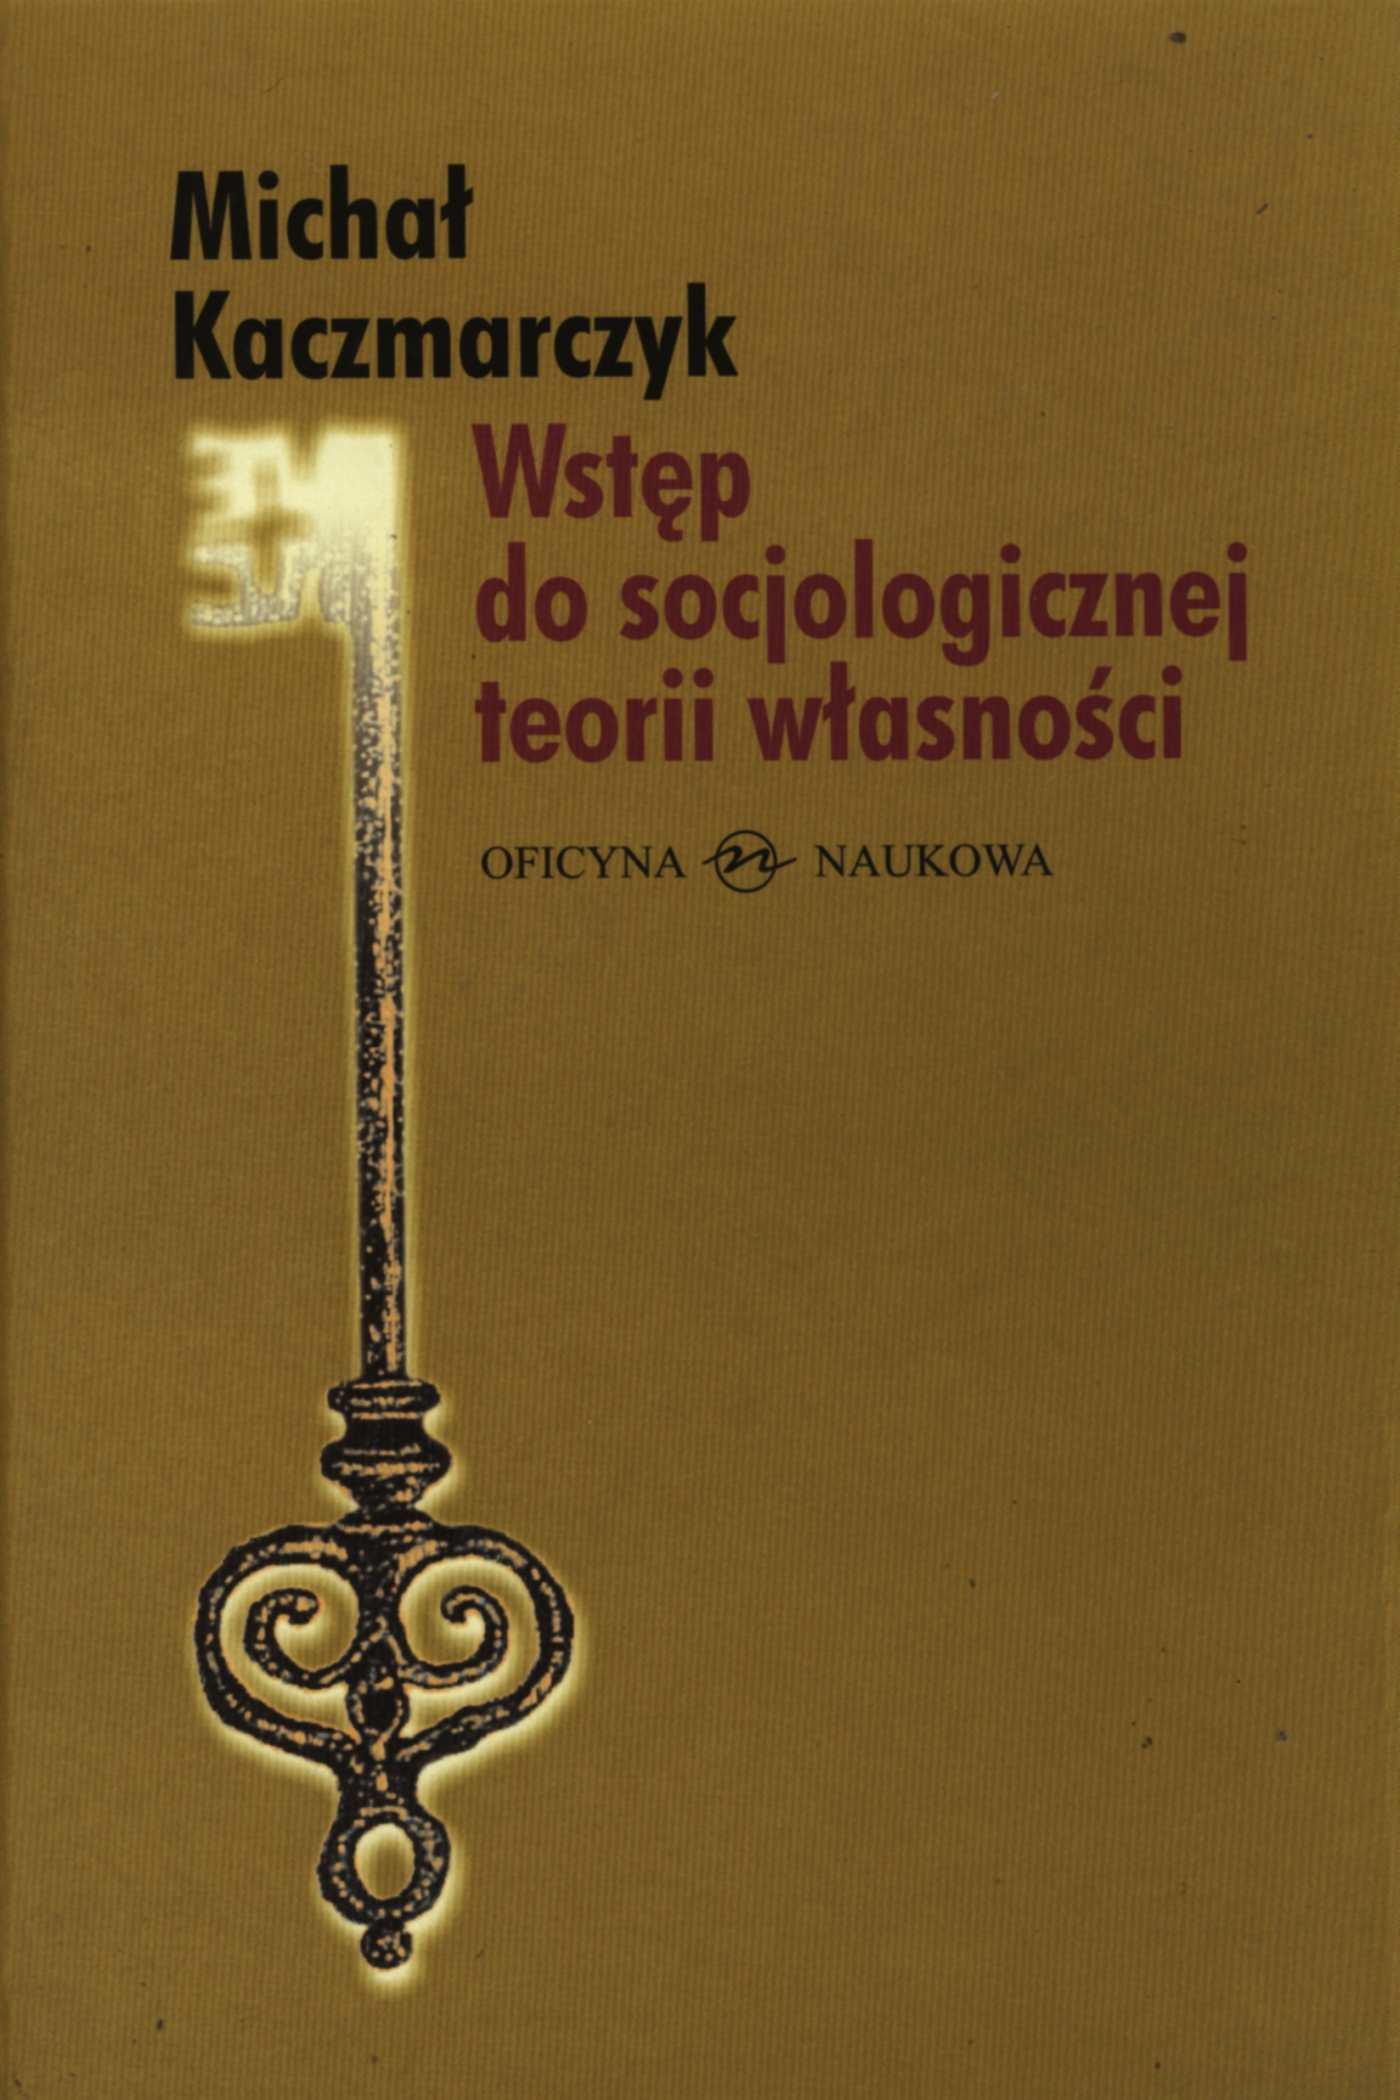 Wstęp do socjologicznej teorii własności - Ebook (Książka PDF) do pobrania w formacie PDF